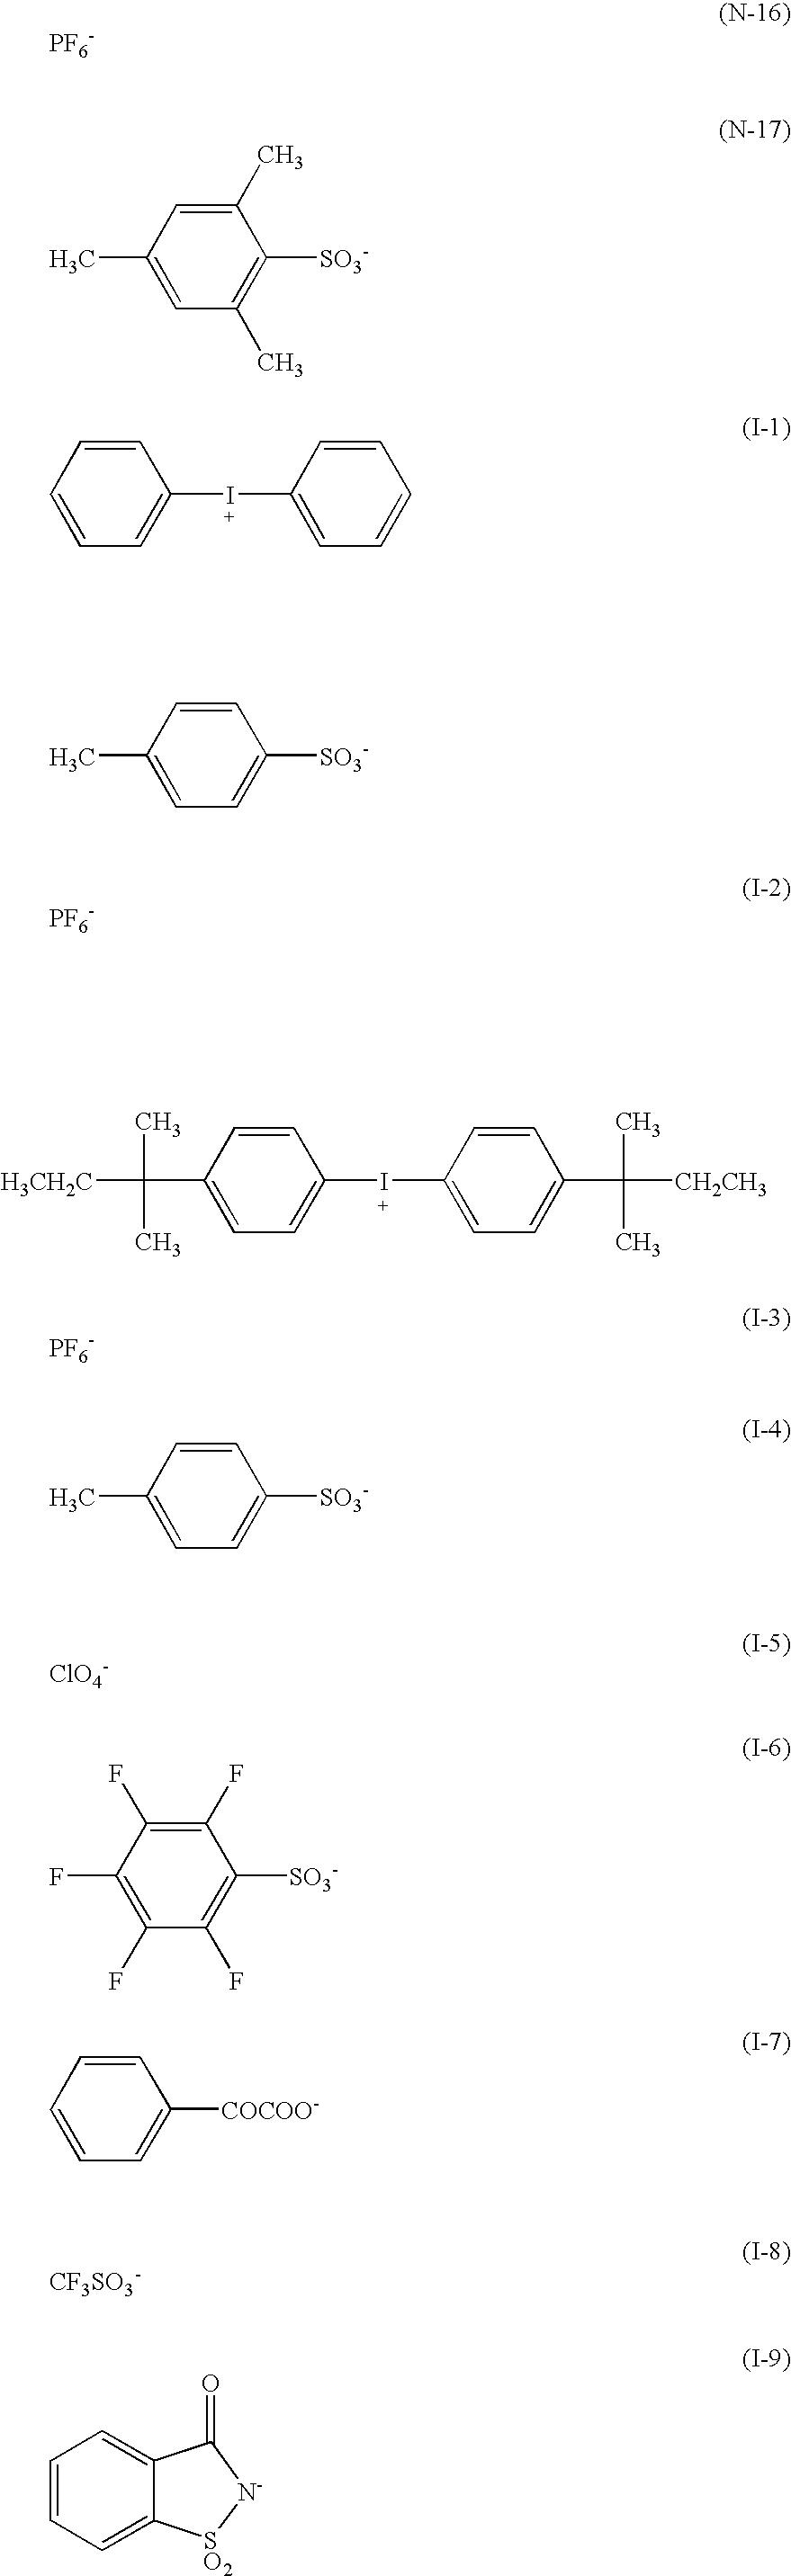 Figure US20050153239A1-20050714-C00078